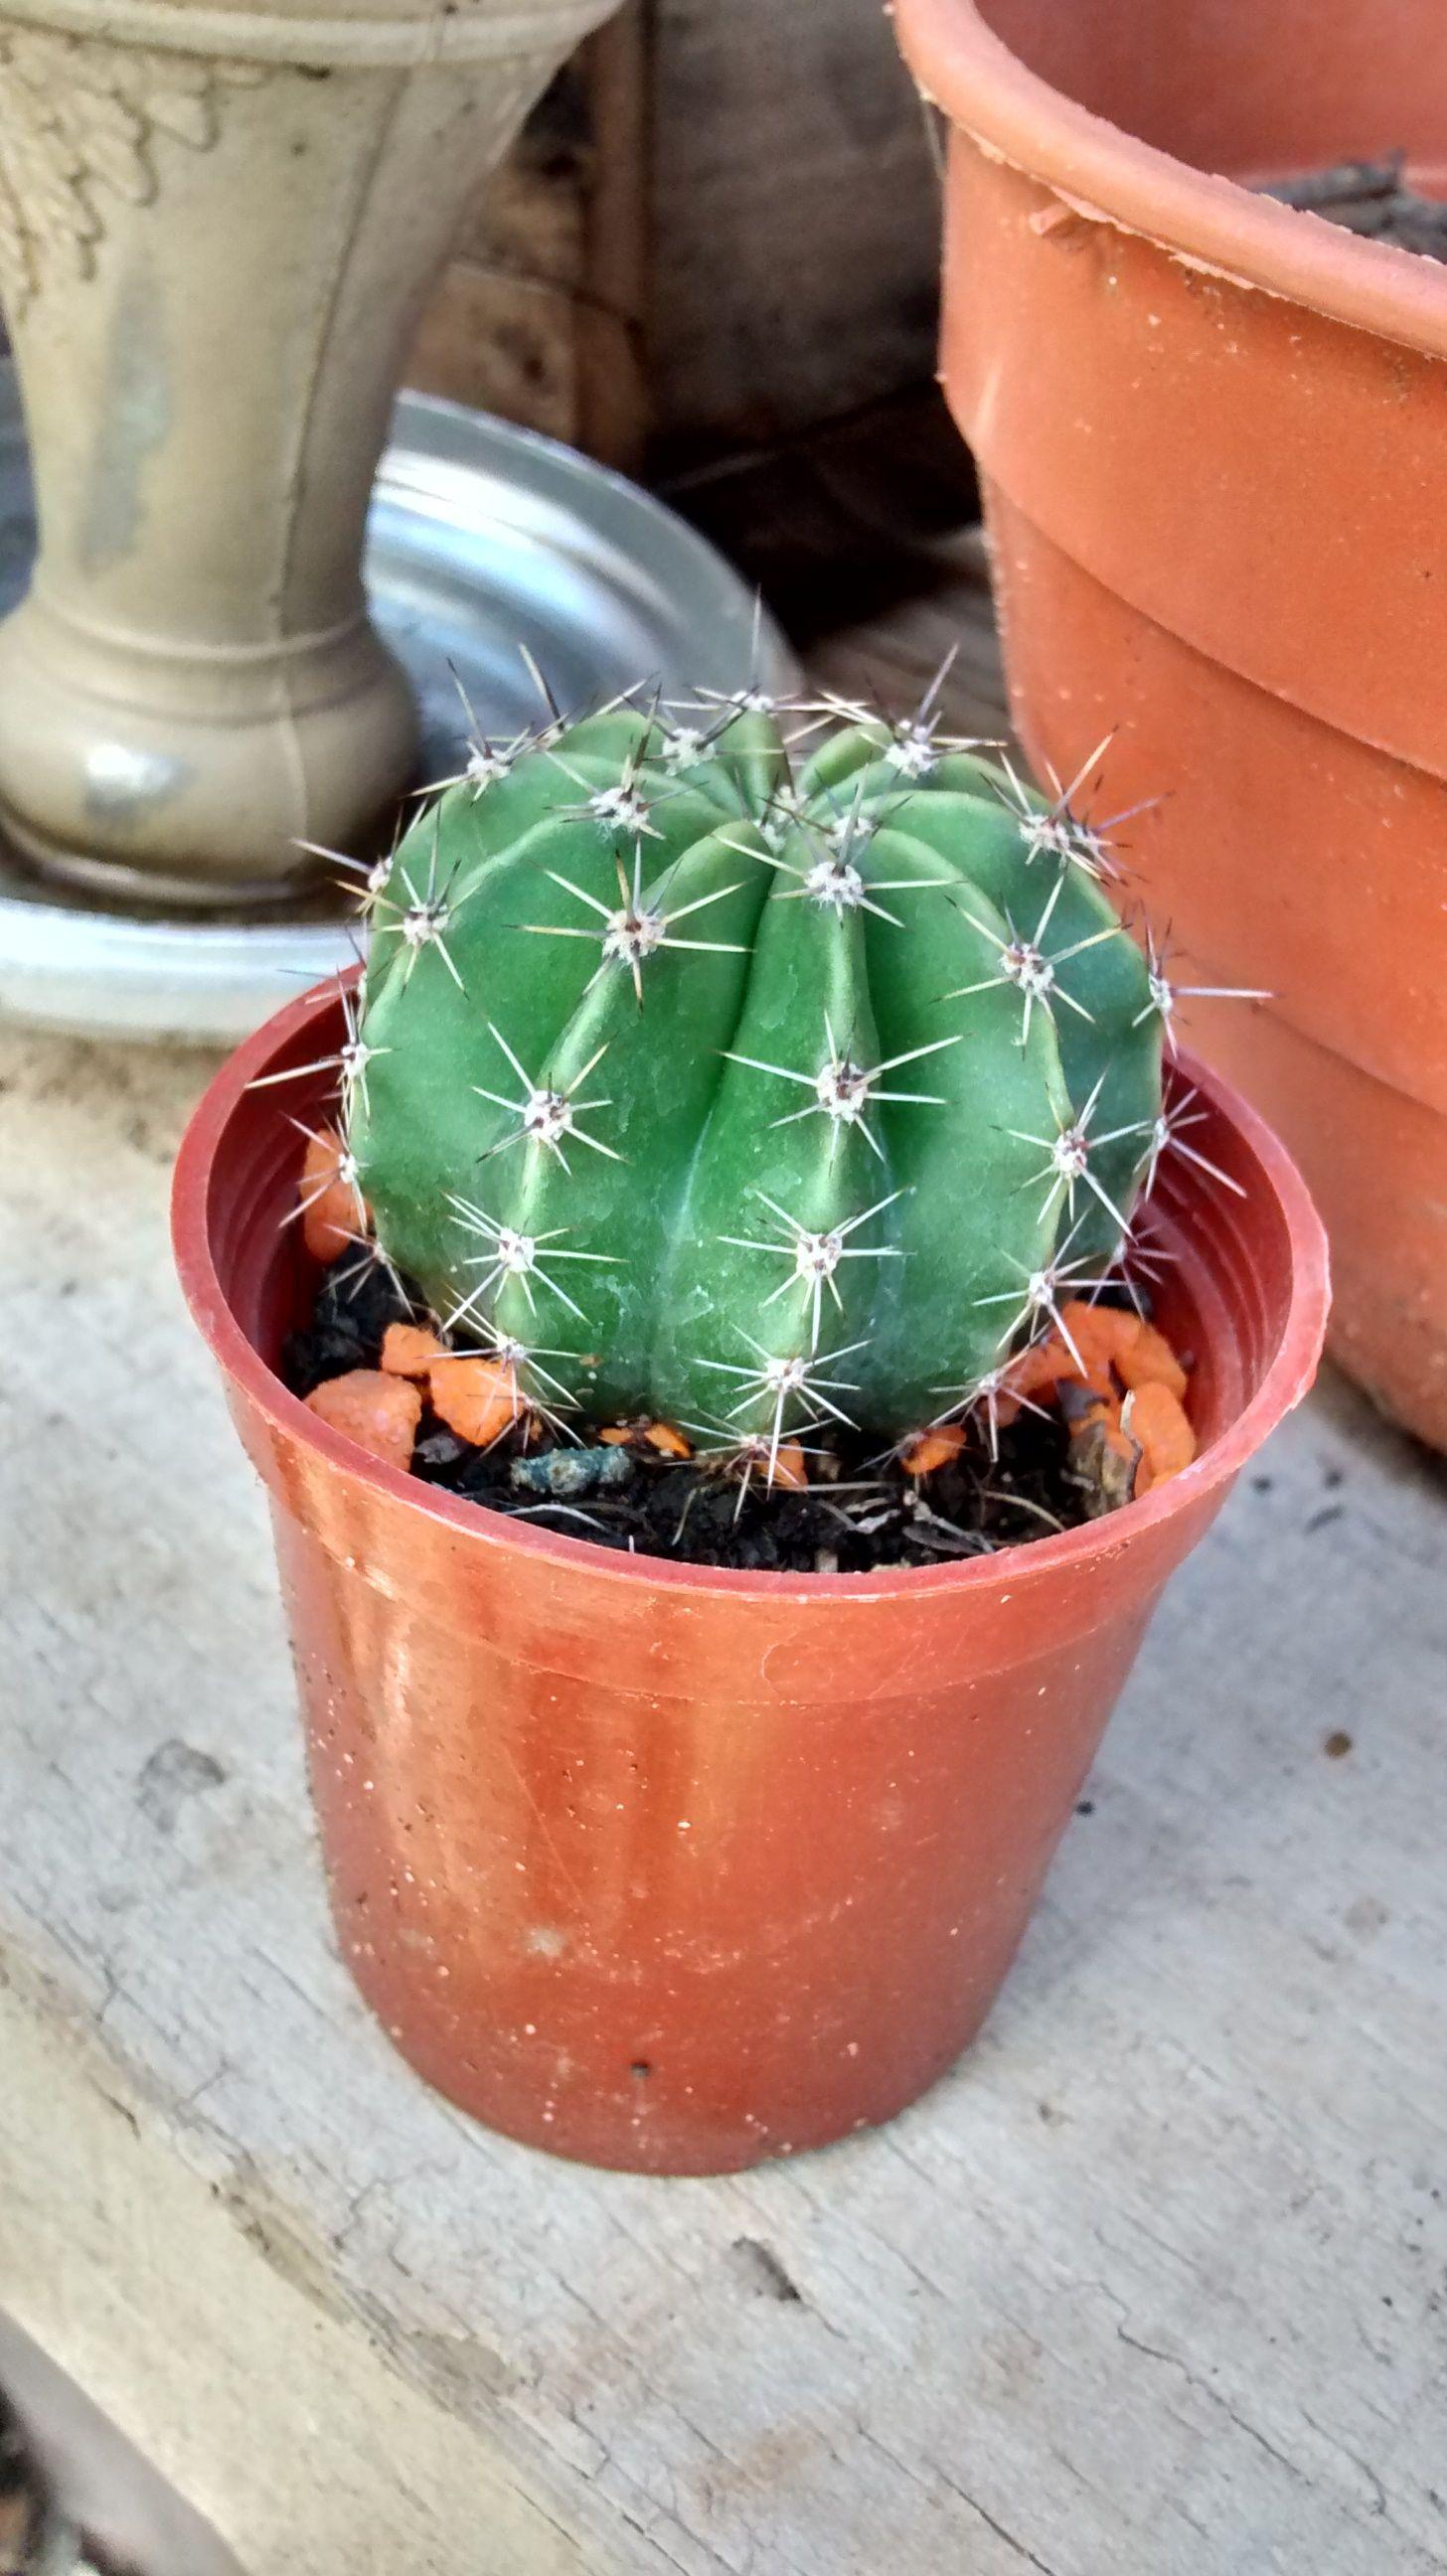 regalo de mes aniversario (18/09/14) viviero: Henandarias #cactus 04/11/14(foto)